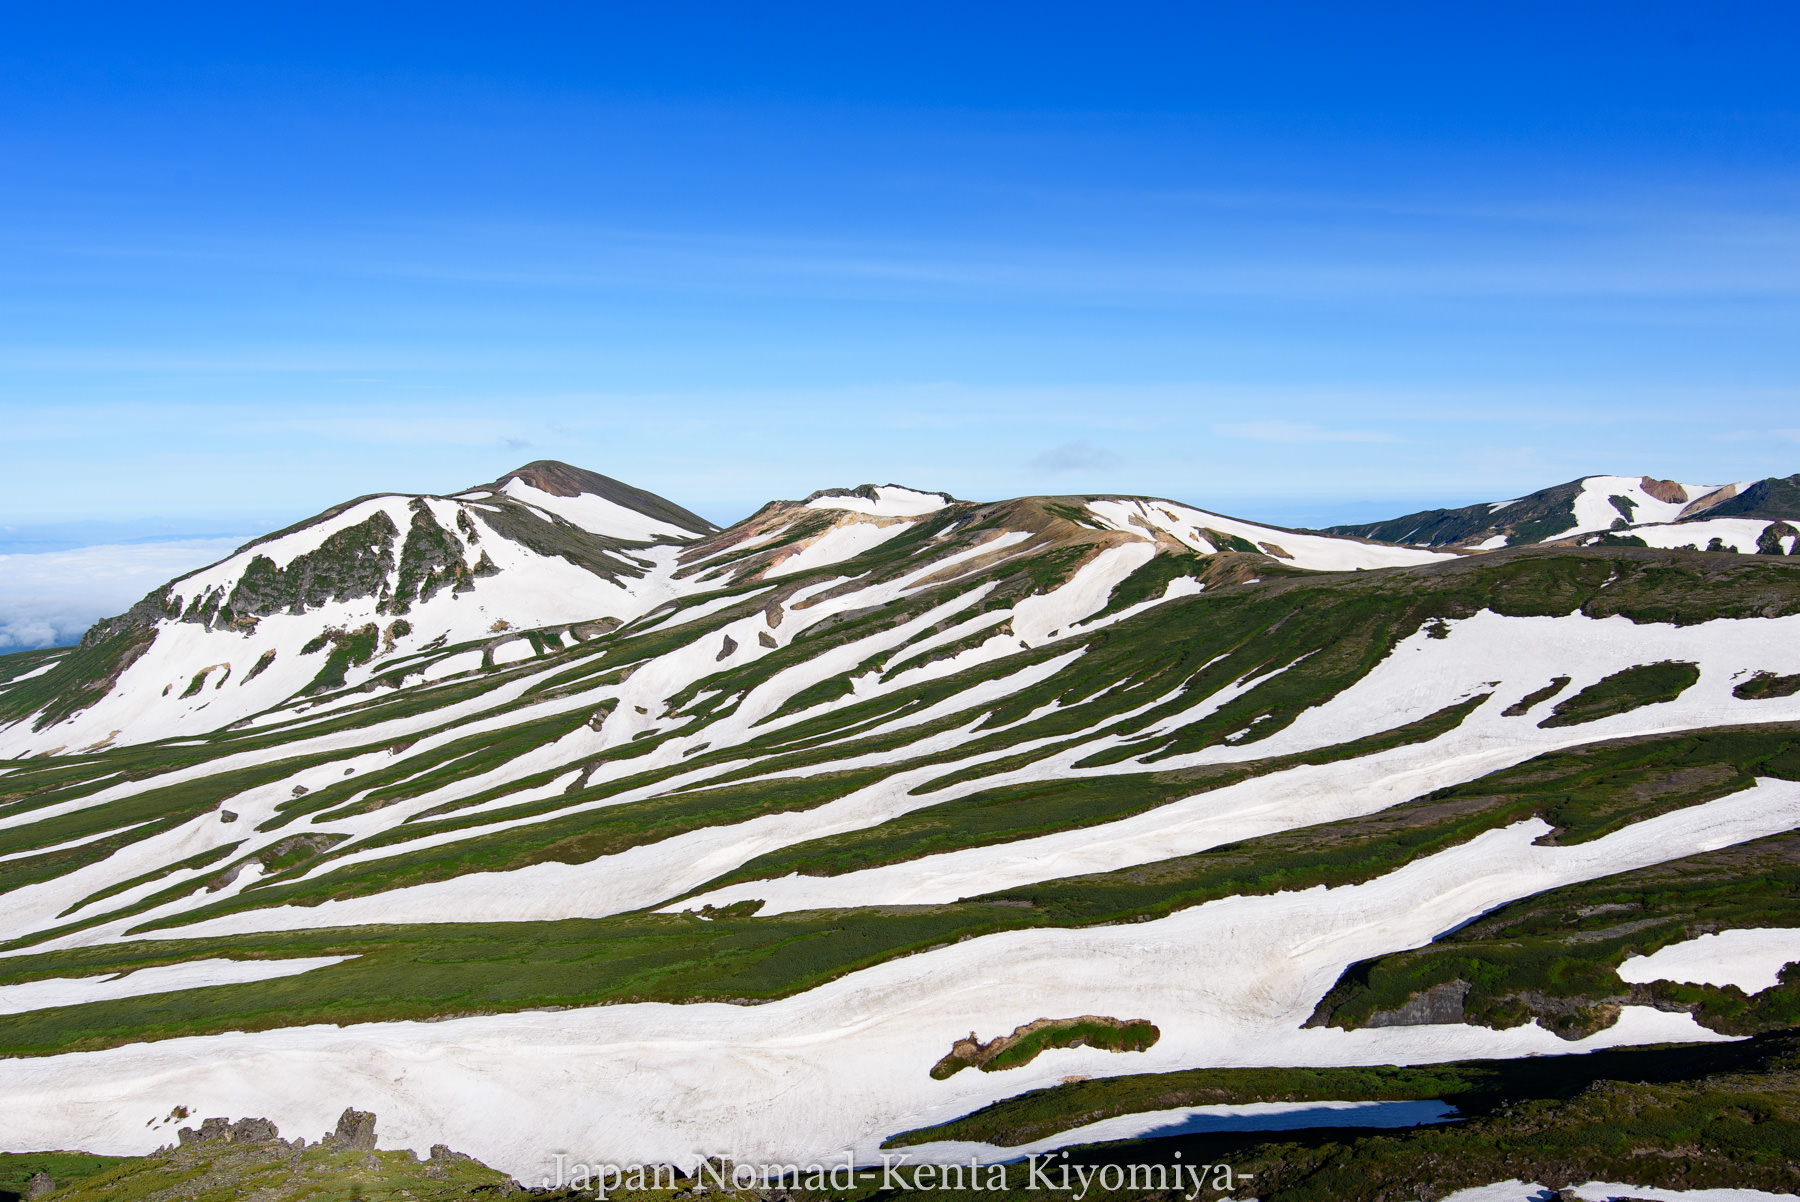 【大雪山】絶景の大雪山縦走&初のテント泊!その3(赤岳~緑岳~白雲岳~黒岳)